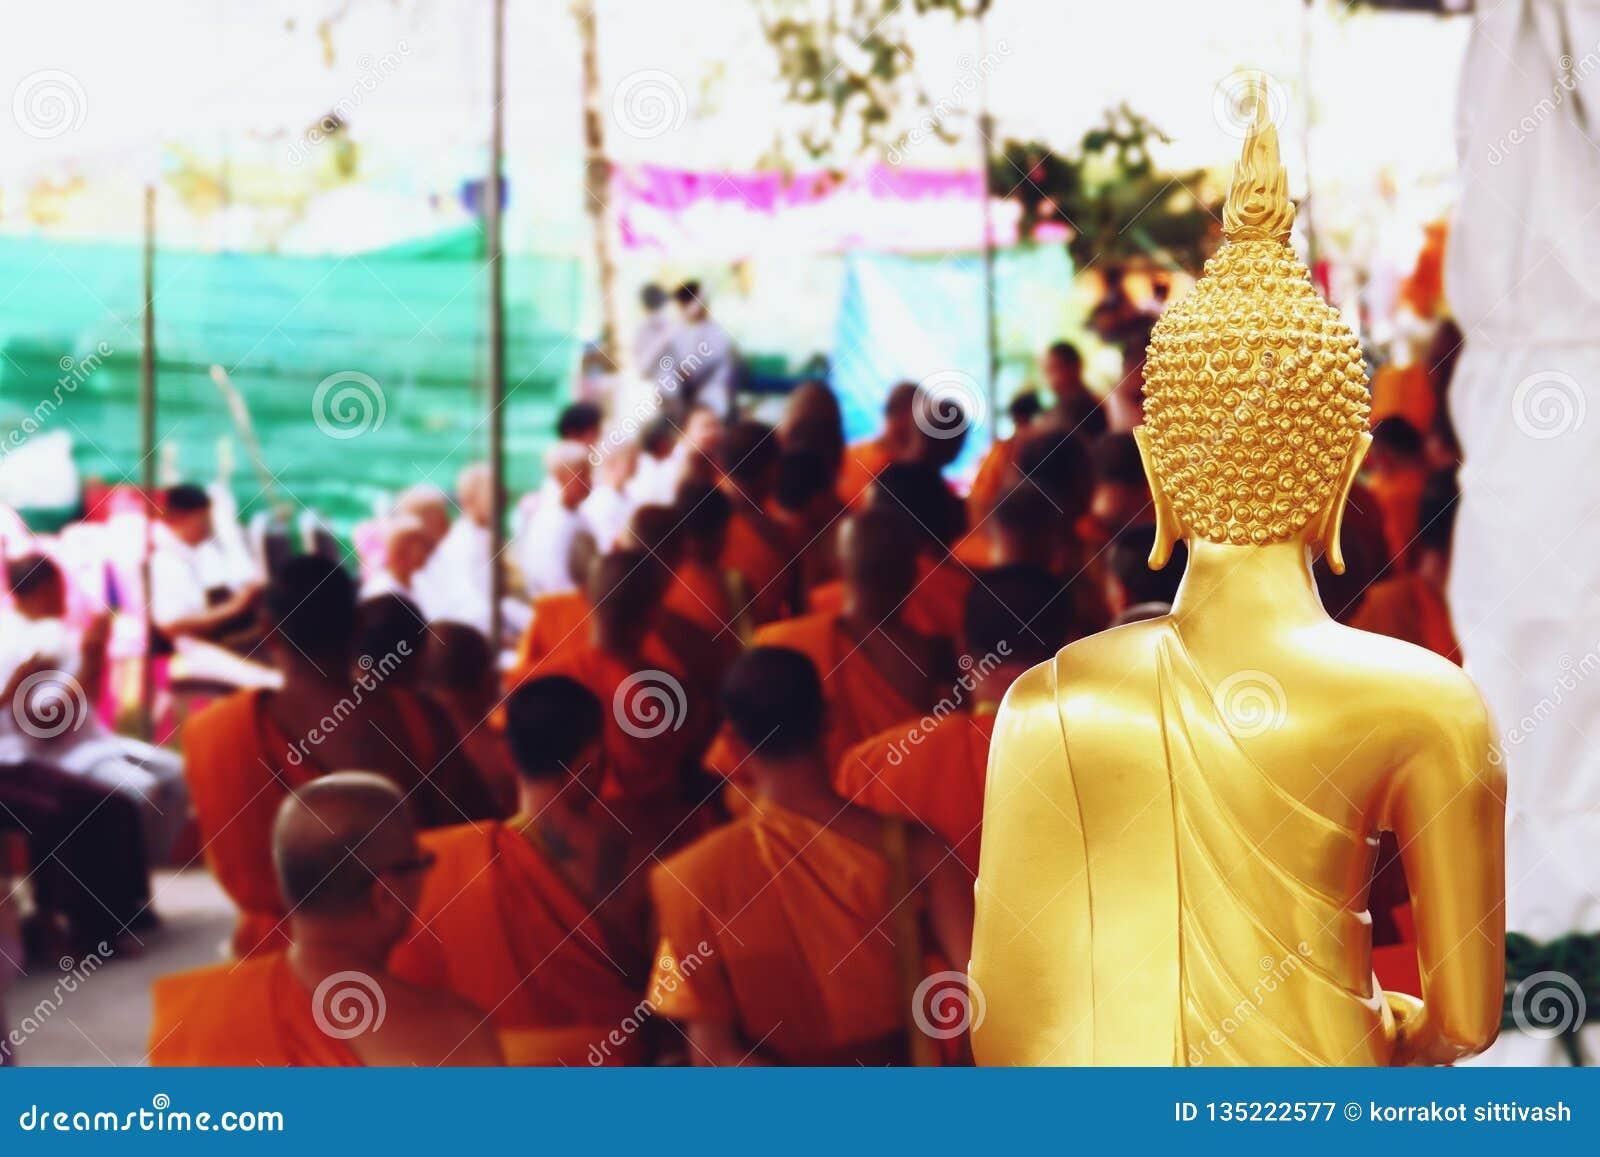 2018年12月07日,Thep Khunakon路,Na Mueang,Chachoengsao,在大学的菩萨雕象修士的